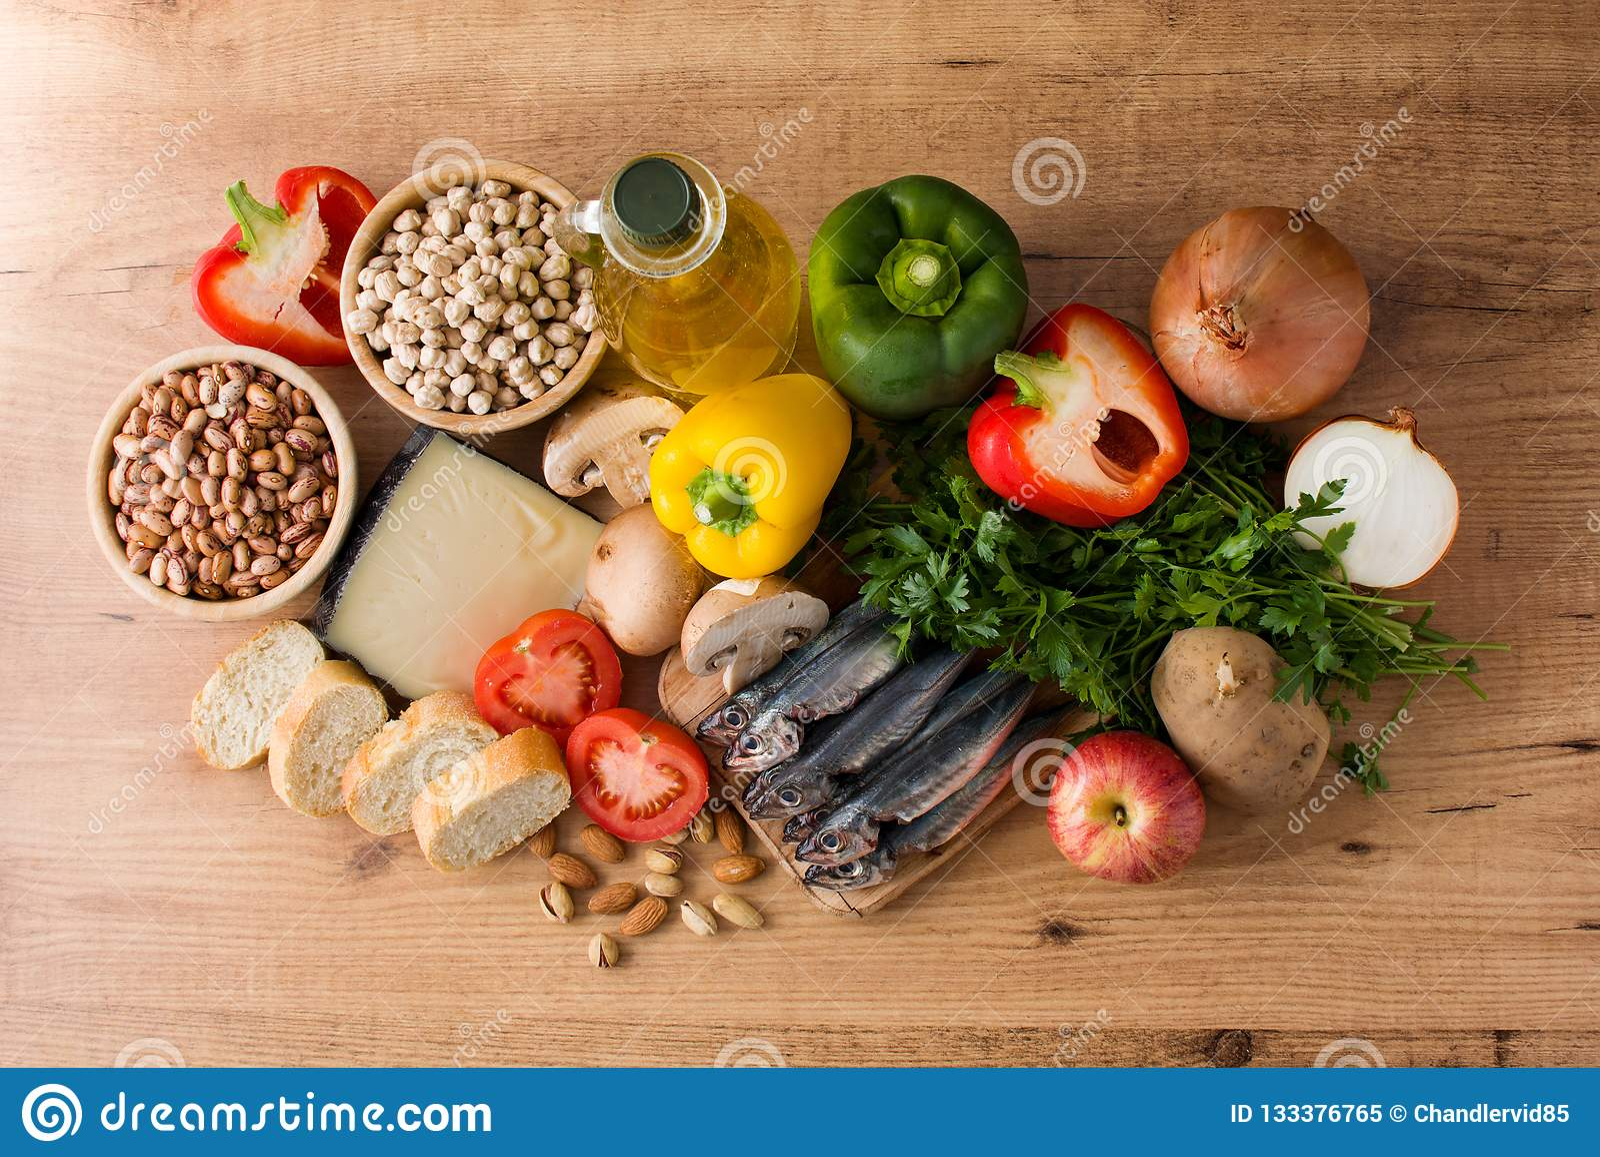 еда здоровая диетпитание среднеземноморское Плод, овощи, зерно, чокнутое оливковое масло и рыбы